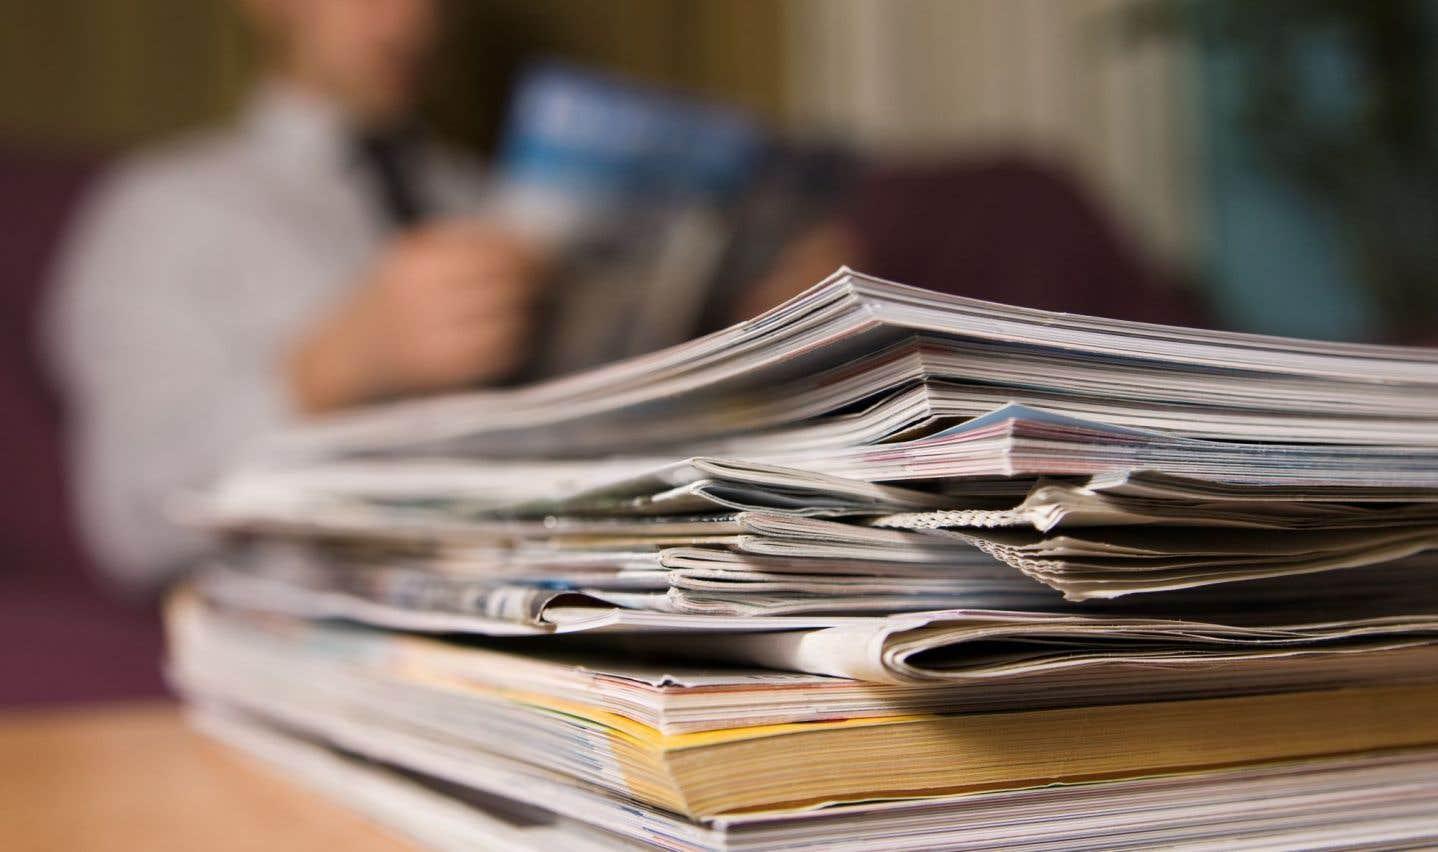 Au total, les journaux papier, la presse magazine et le secteur de l'édition de livres ont perdu 333 781 emplois, soit la moitié de leurs effectifs (50,2%), en 15 ans.